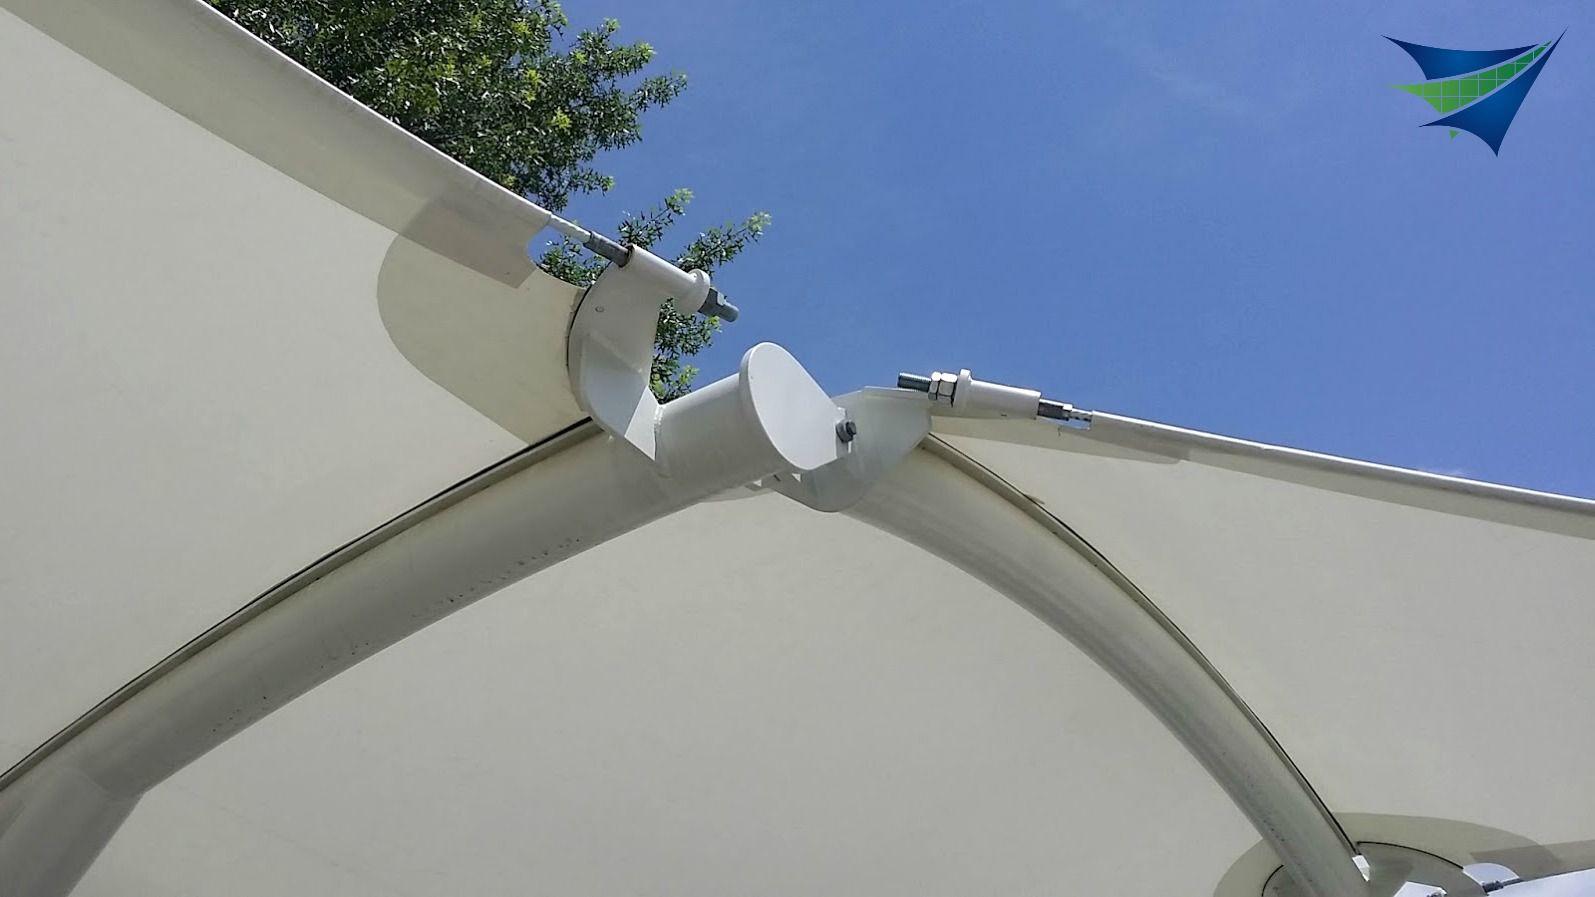 Roof Walkway Systems Suppliers Anseilschutz Laufstege